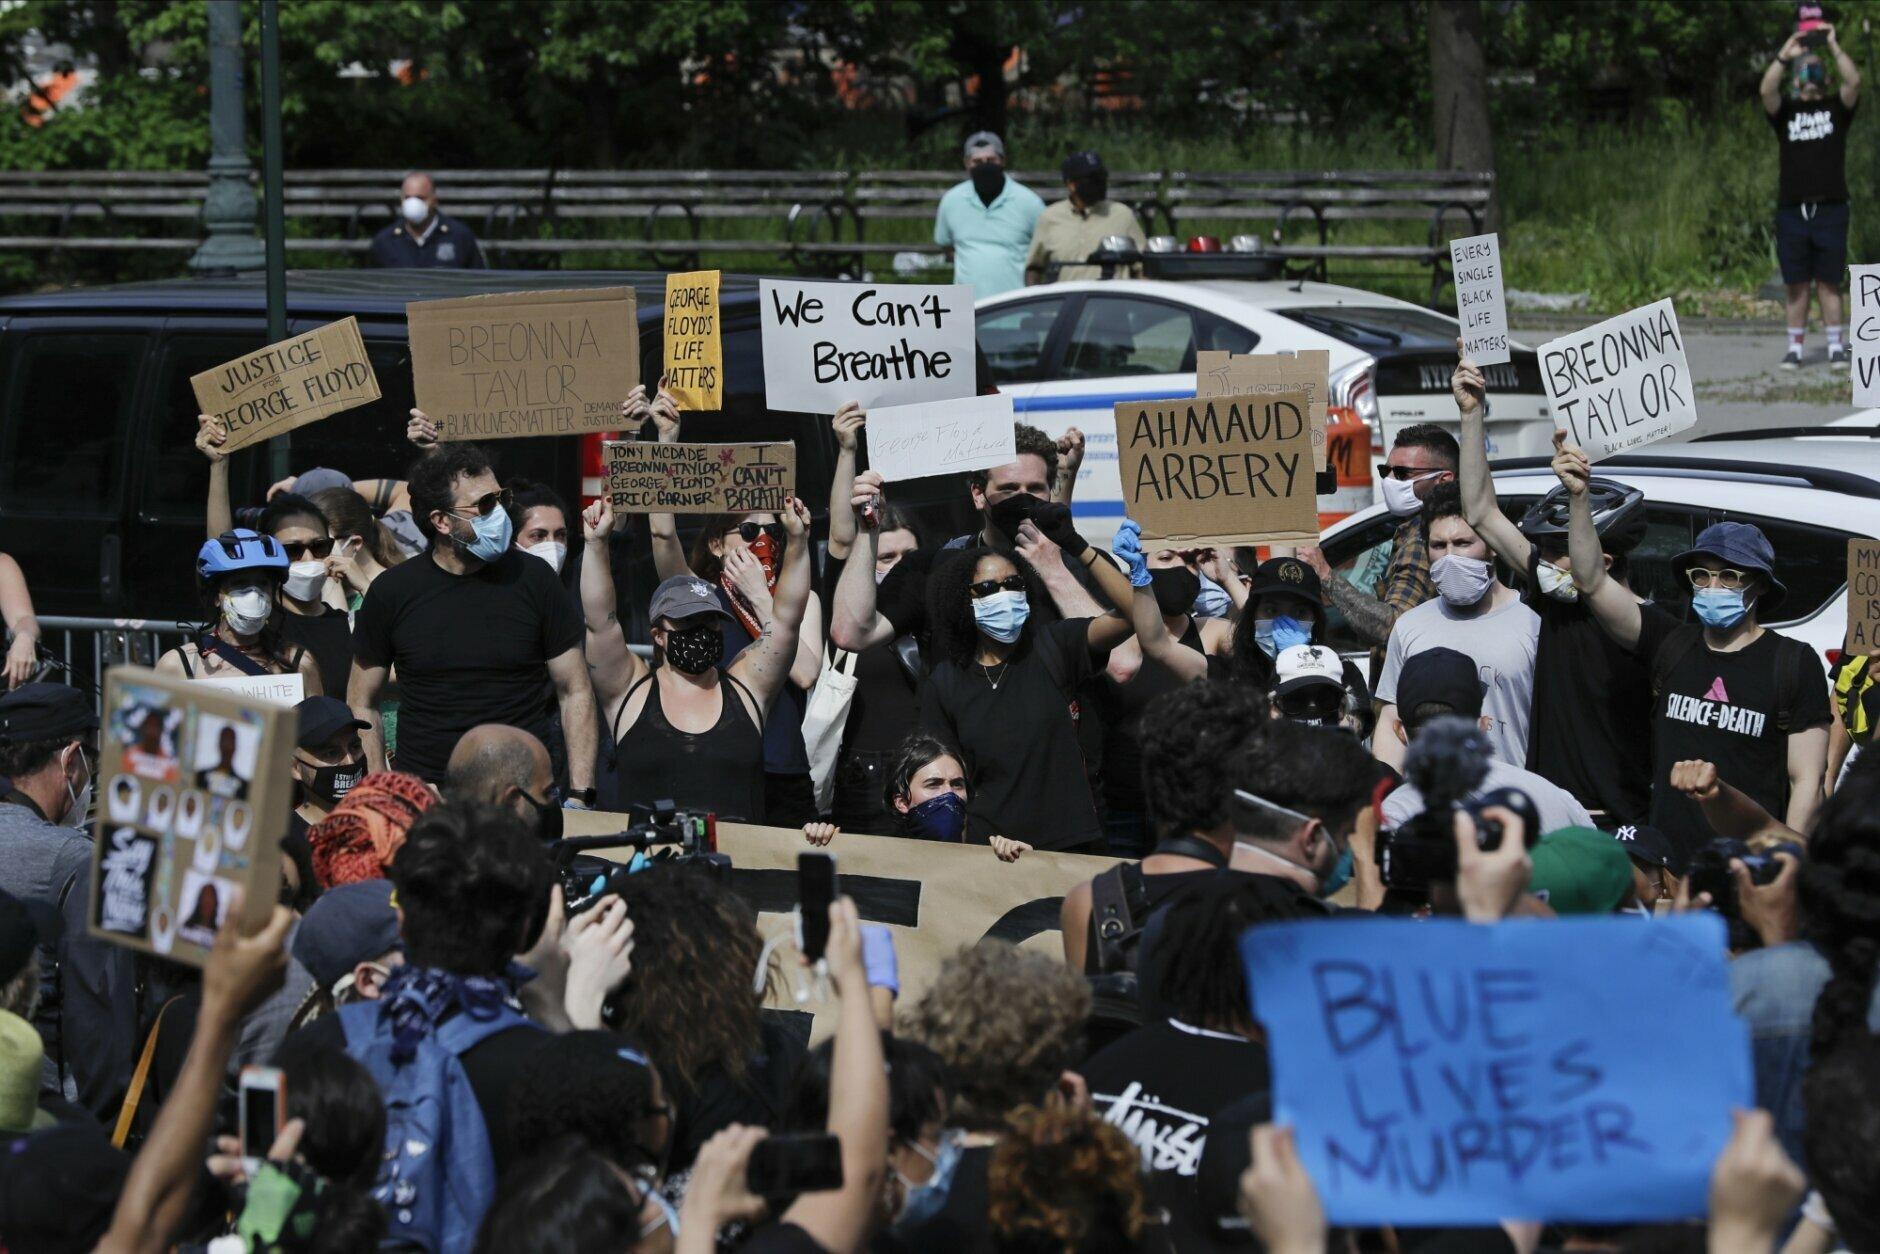 紐約州長葛謨憂心示威有可能加劇疫情反彈,讓先前的防疫成就功虧一簣。(美聯社)